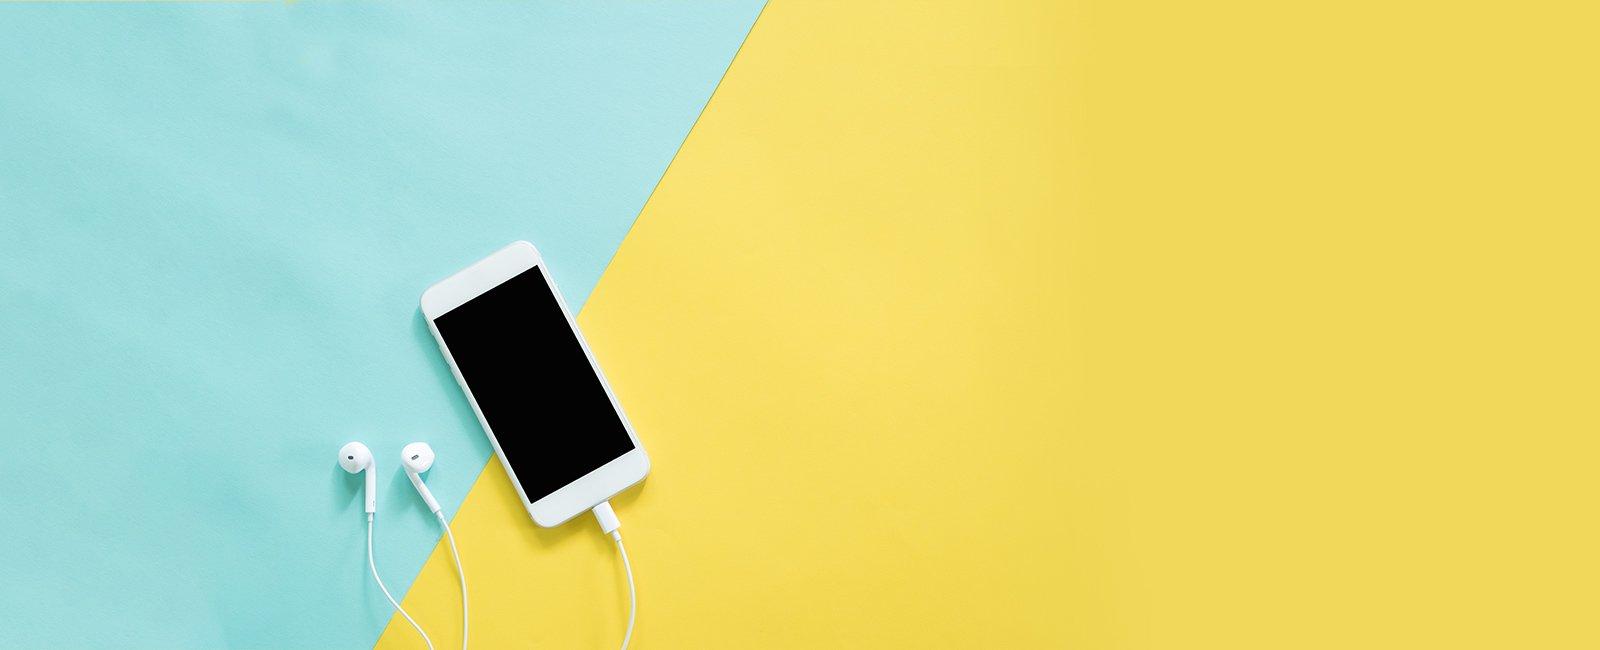 lp-conversion_rates_mobile_design